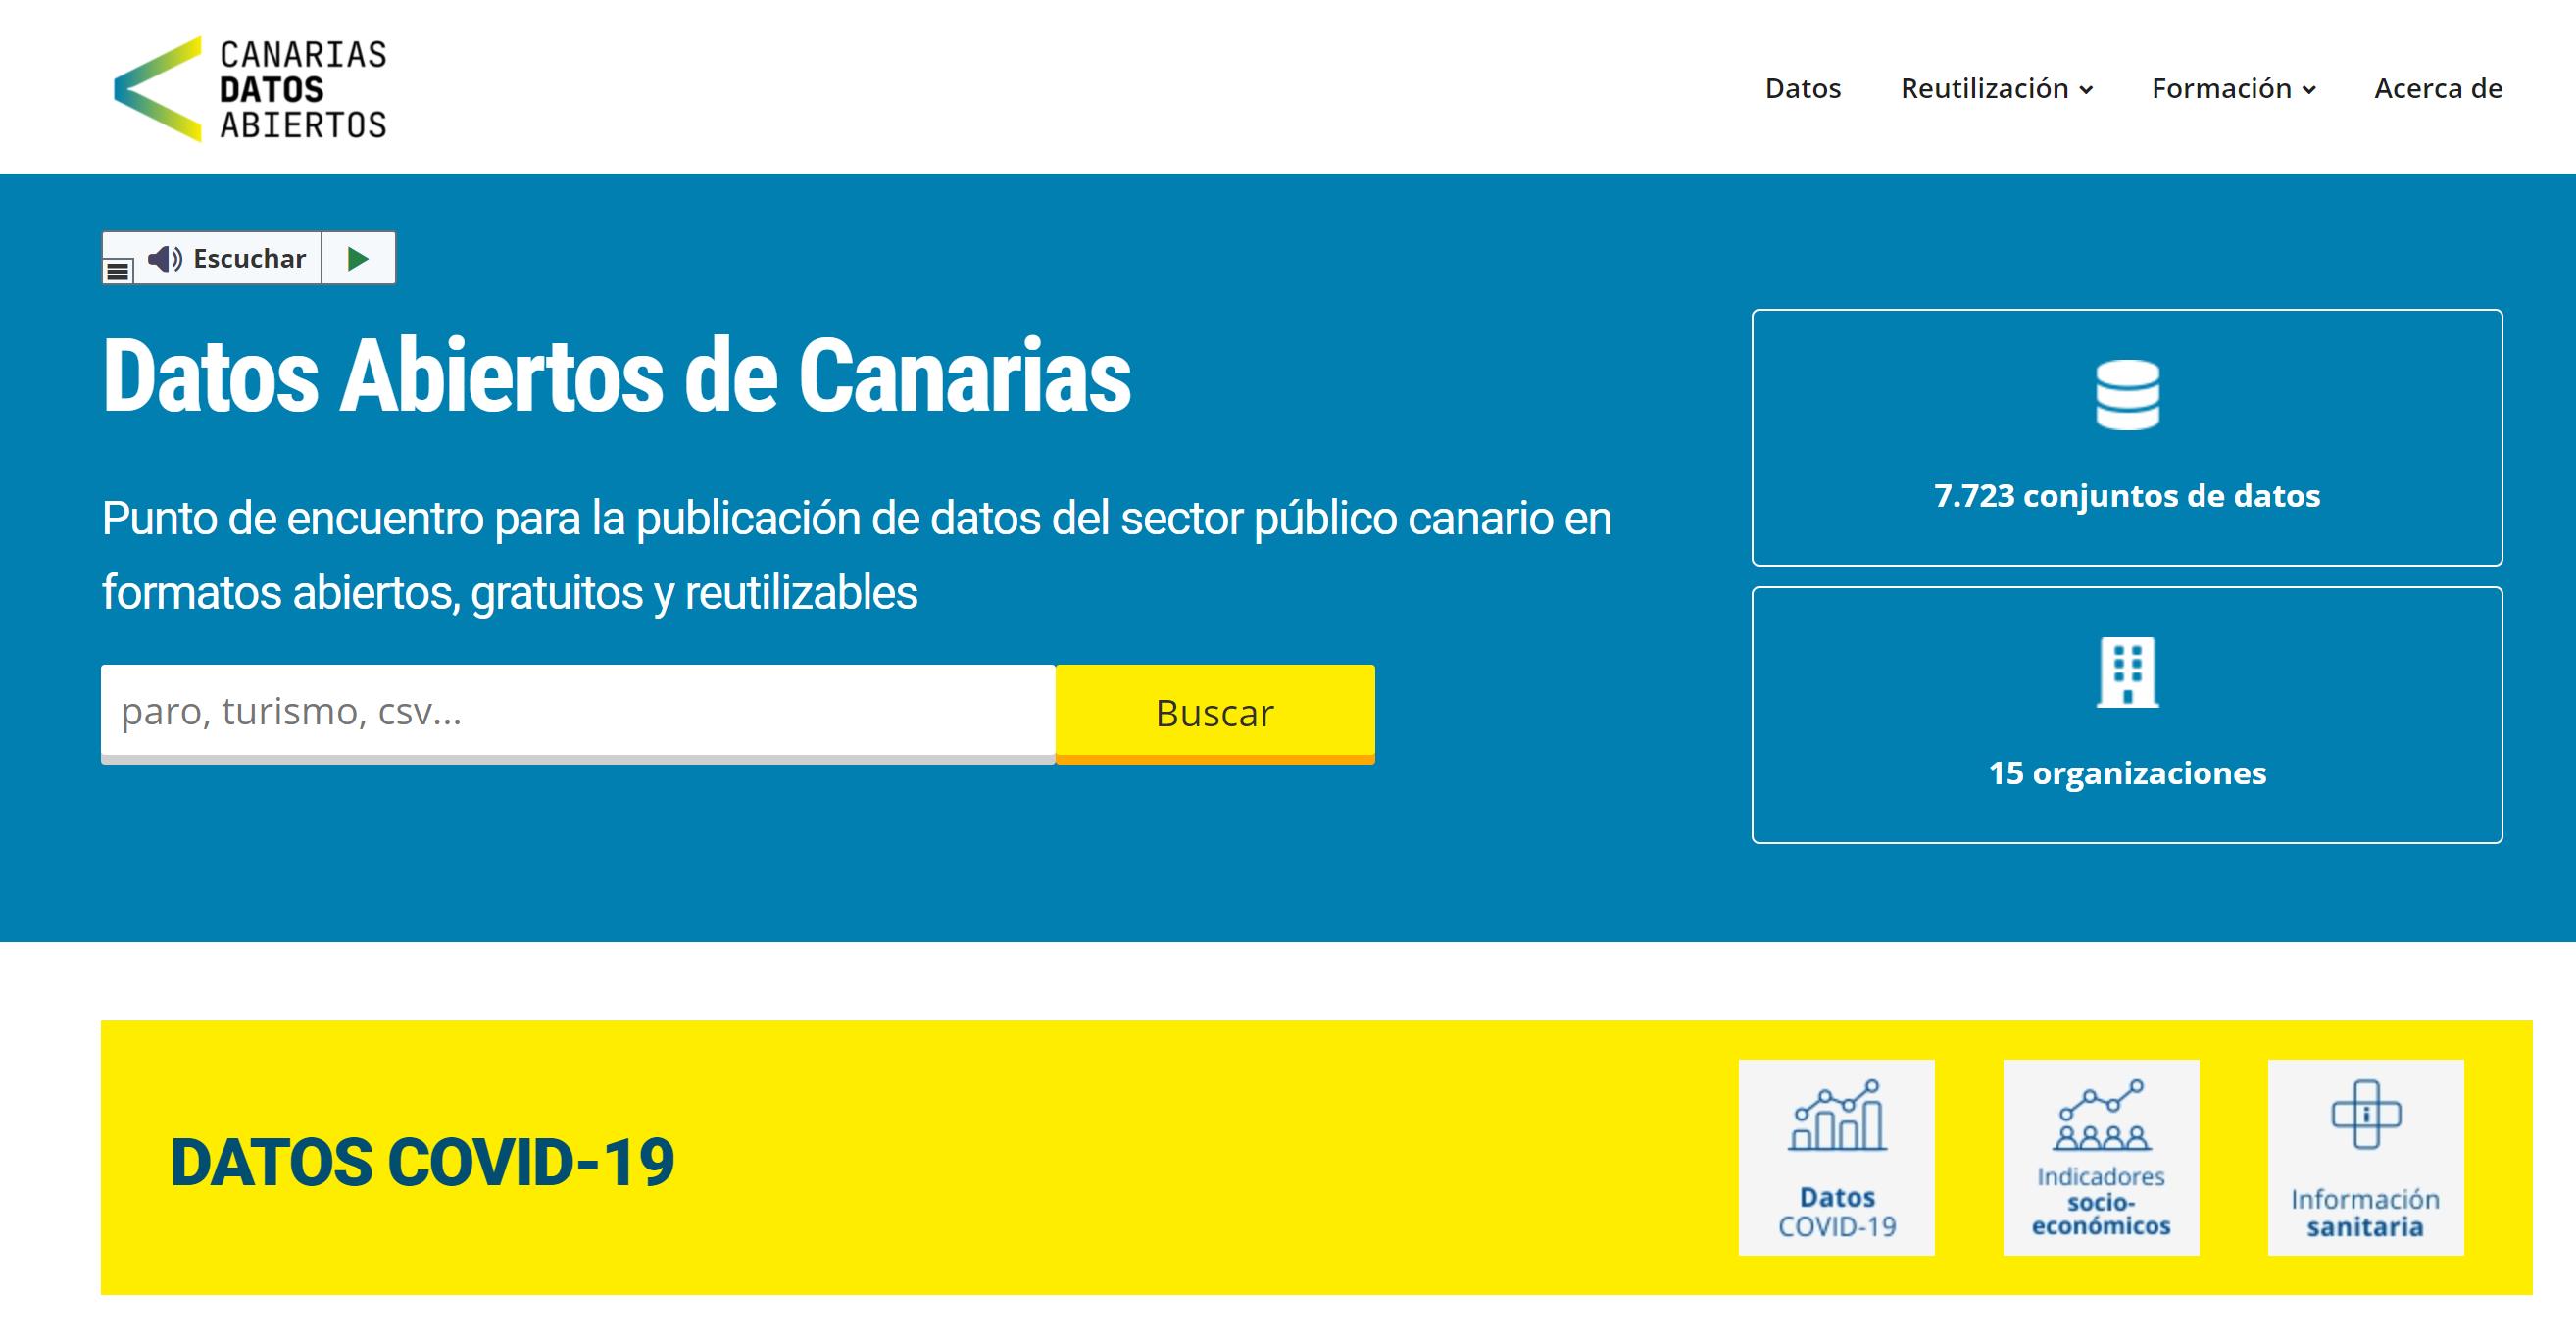 Portal Datos Abiertos de Canarias